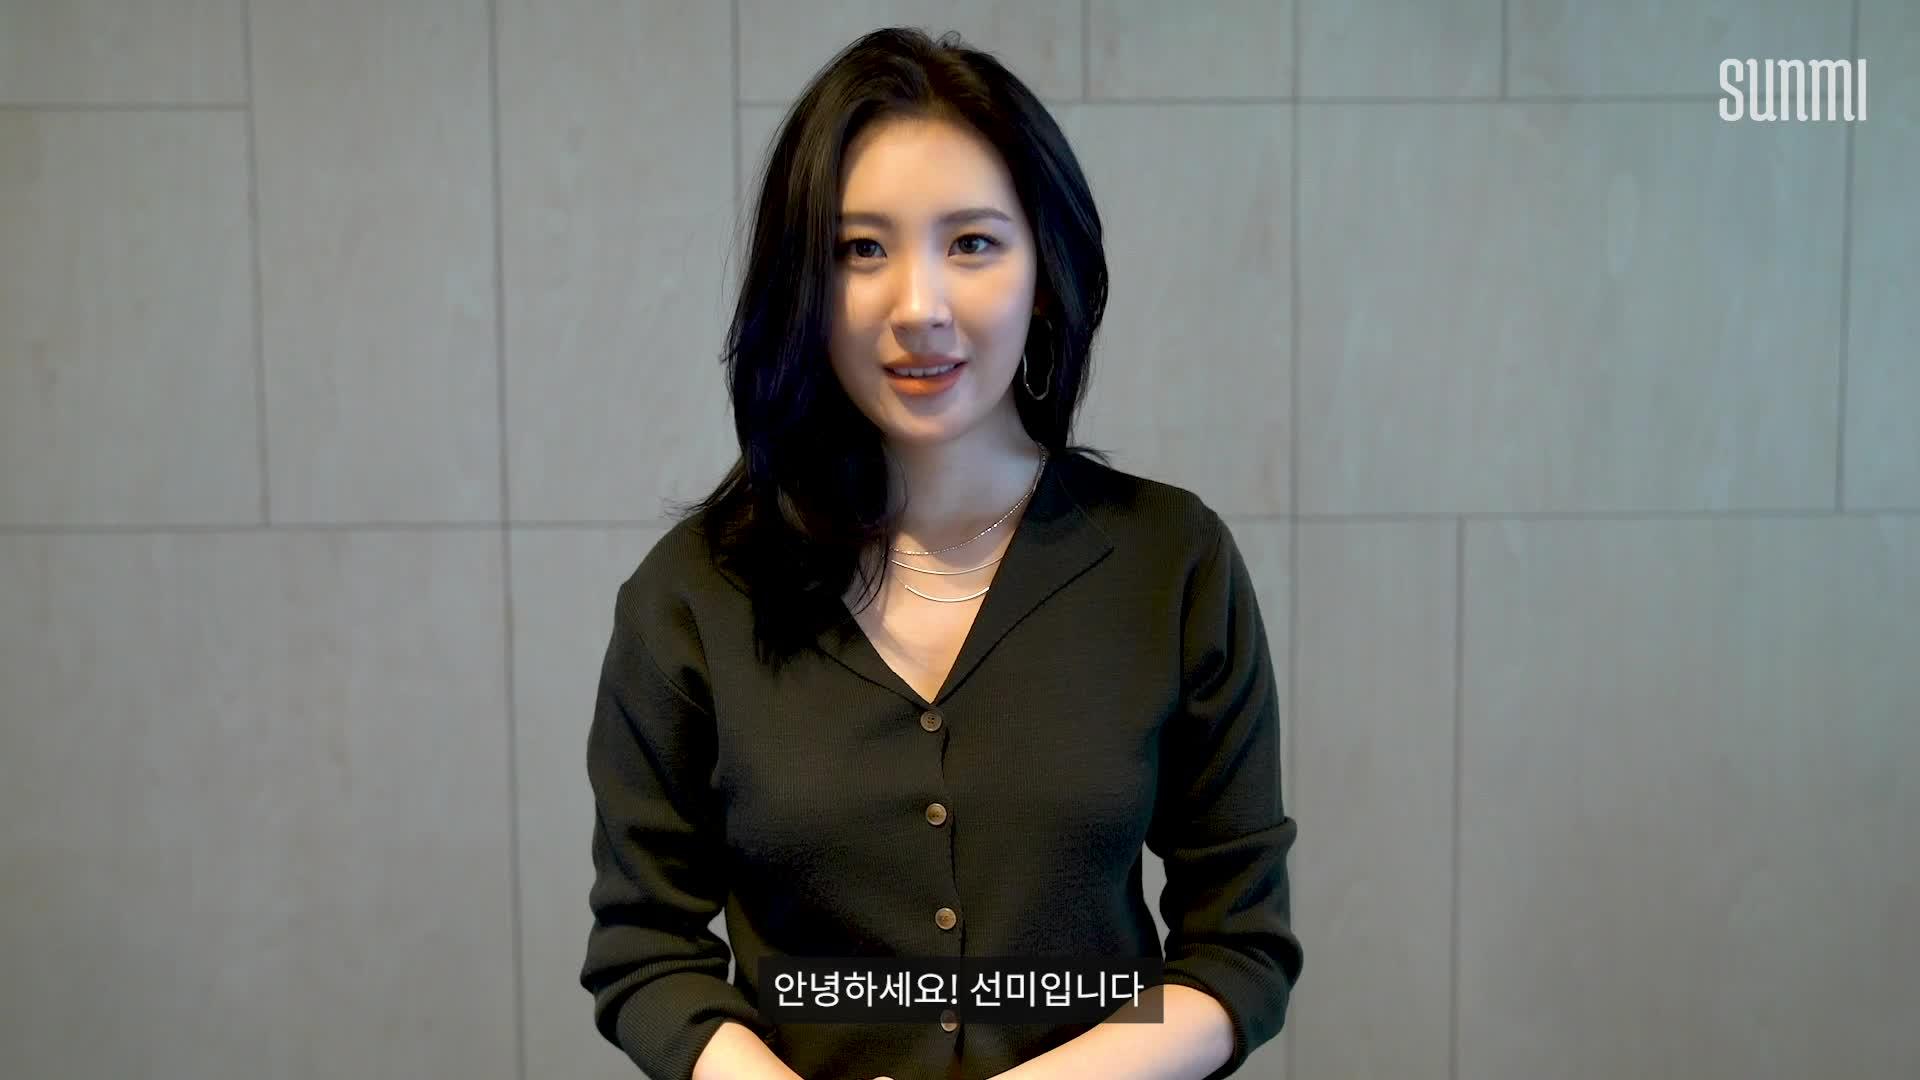 선미(SUNMI) OFFICIAL FANCLUB [miya-ne] 1기 추가 모집